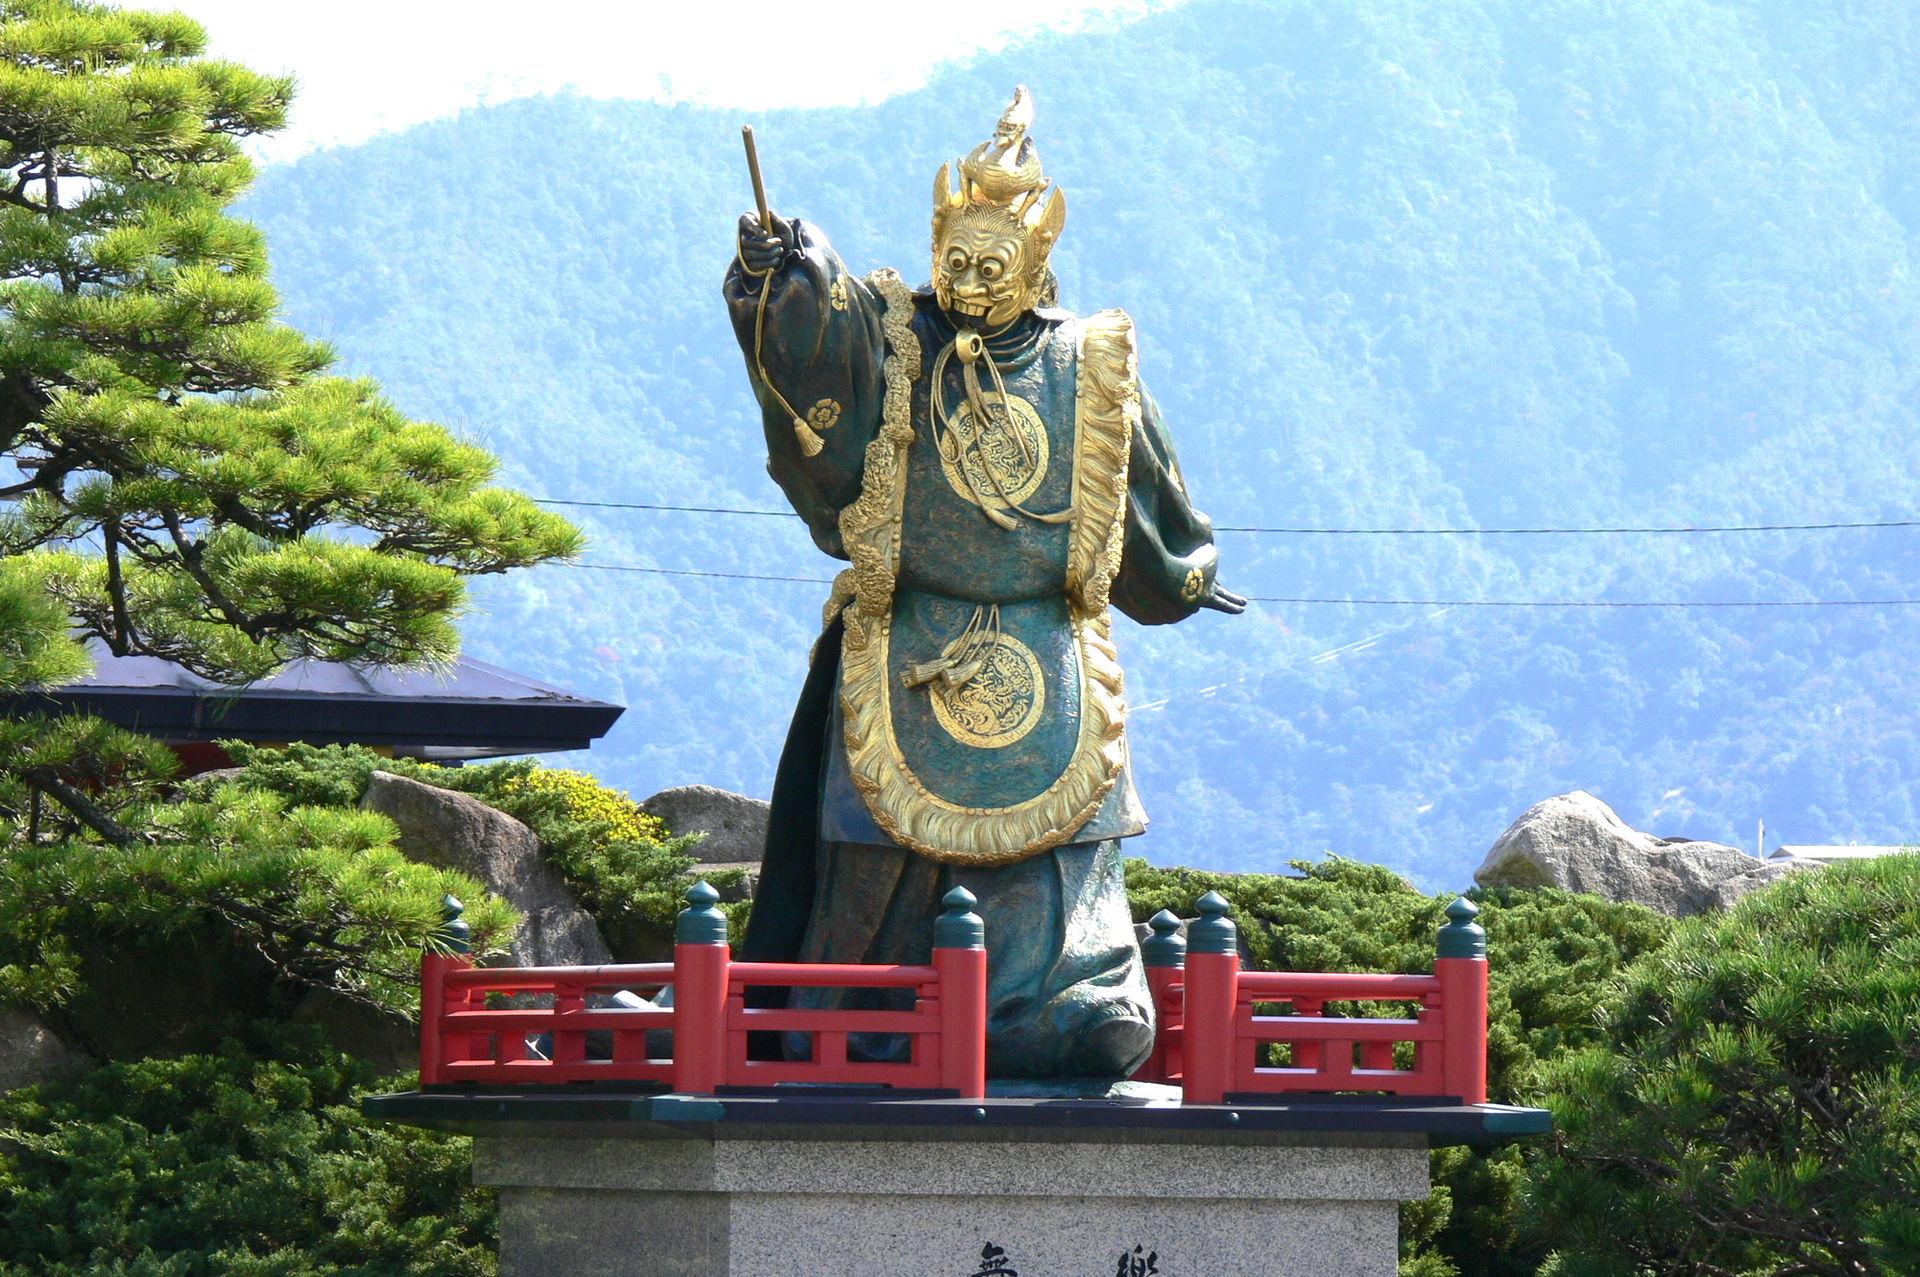 10 เมืองเล็กๆ ที่เเสนทรงเสน่ห์ในญี่ปุ่น-มิยาจิม่า